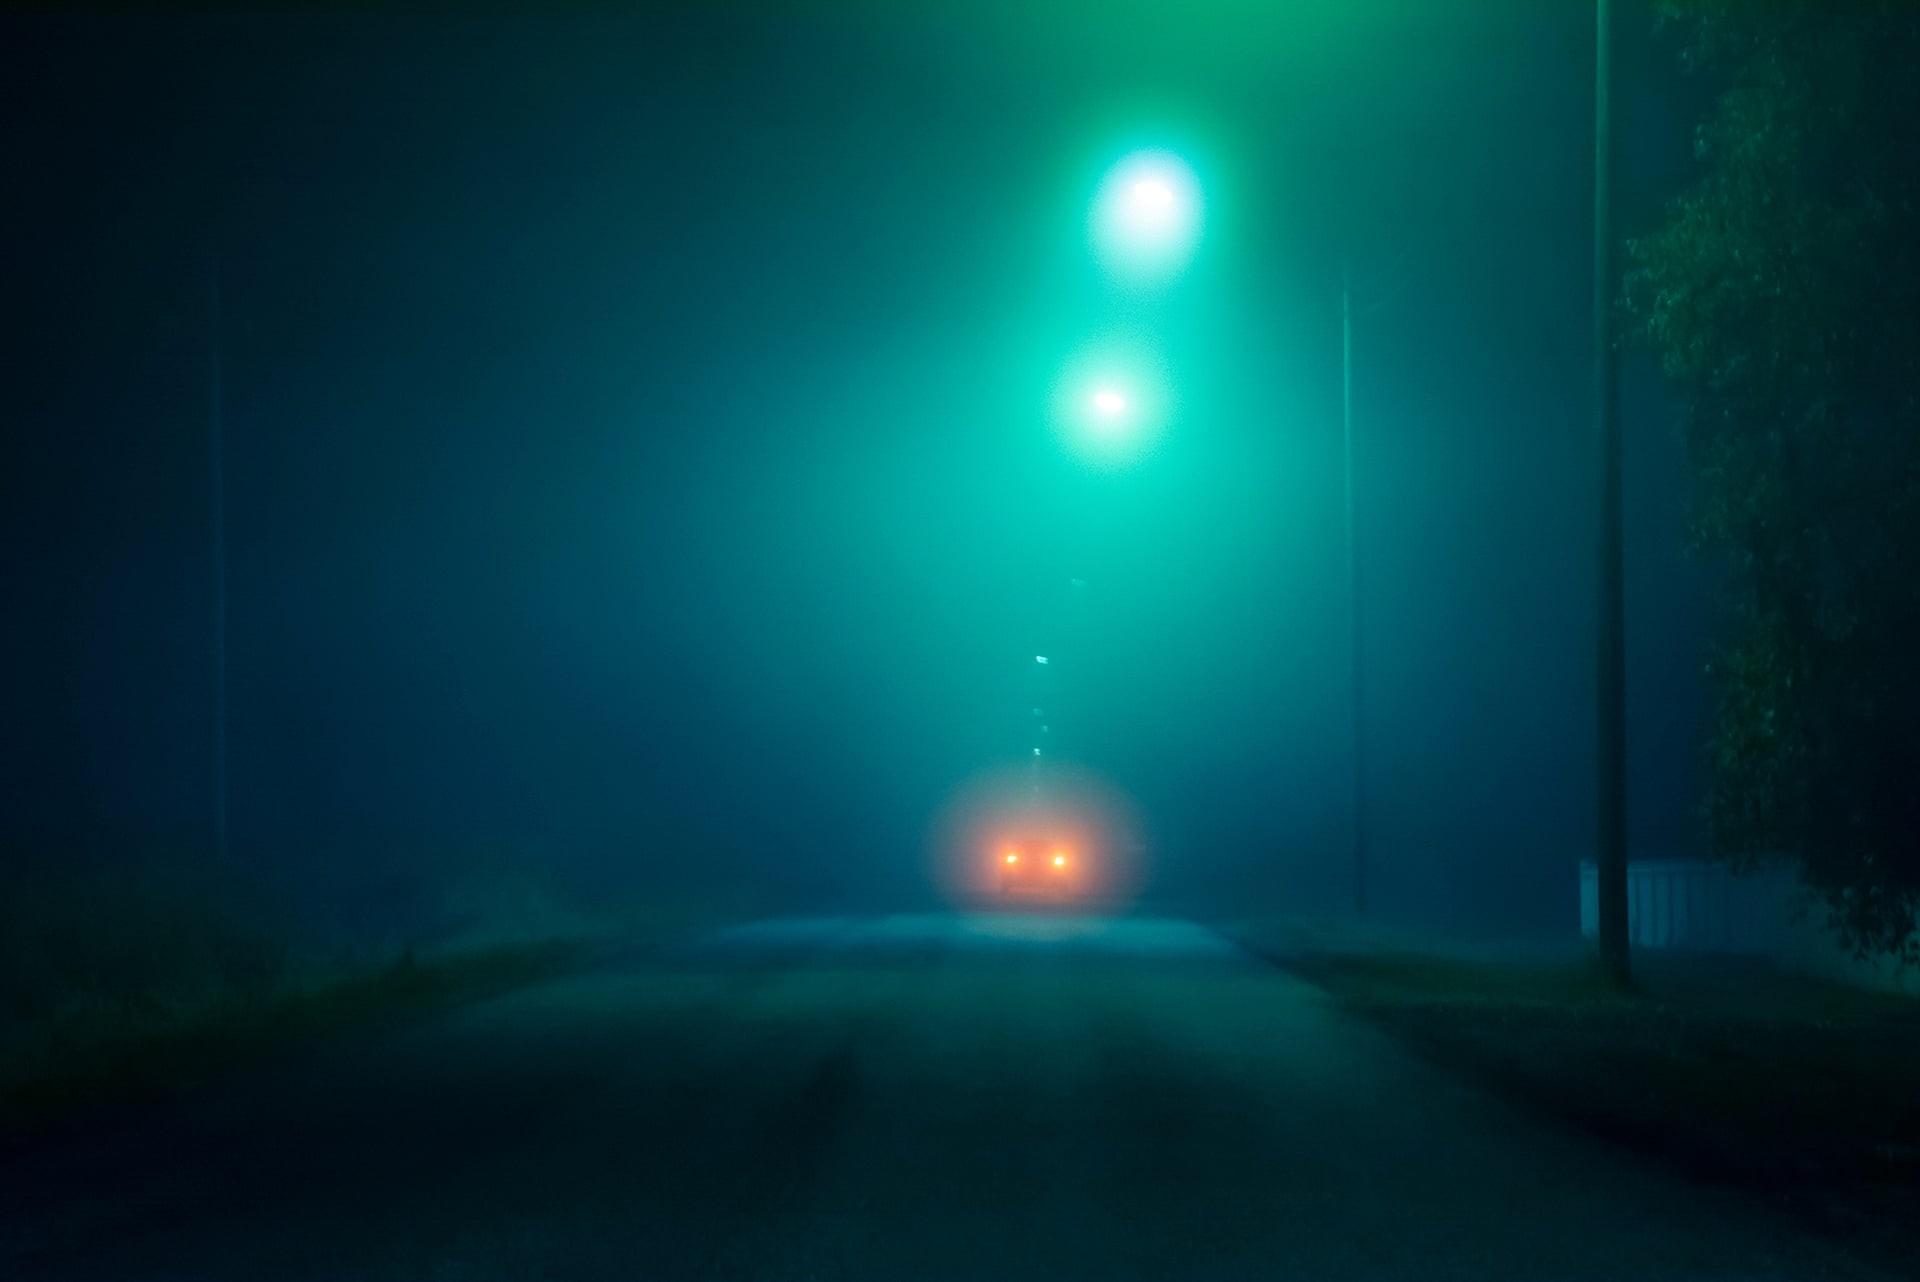 «Дорога домой». Из фотопроекта «Какой-то небесный огонь». Автор Мария Лакс